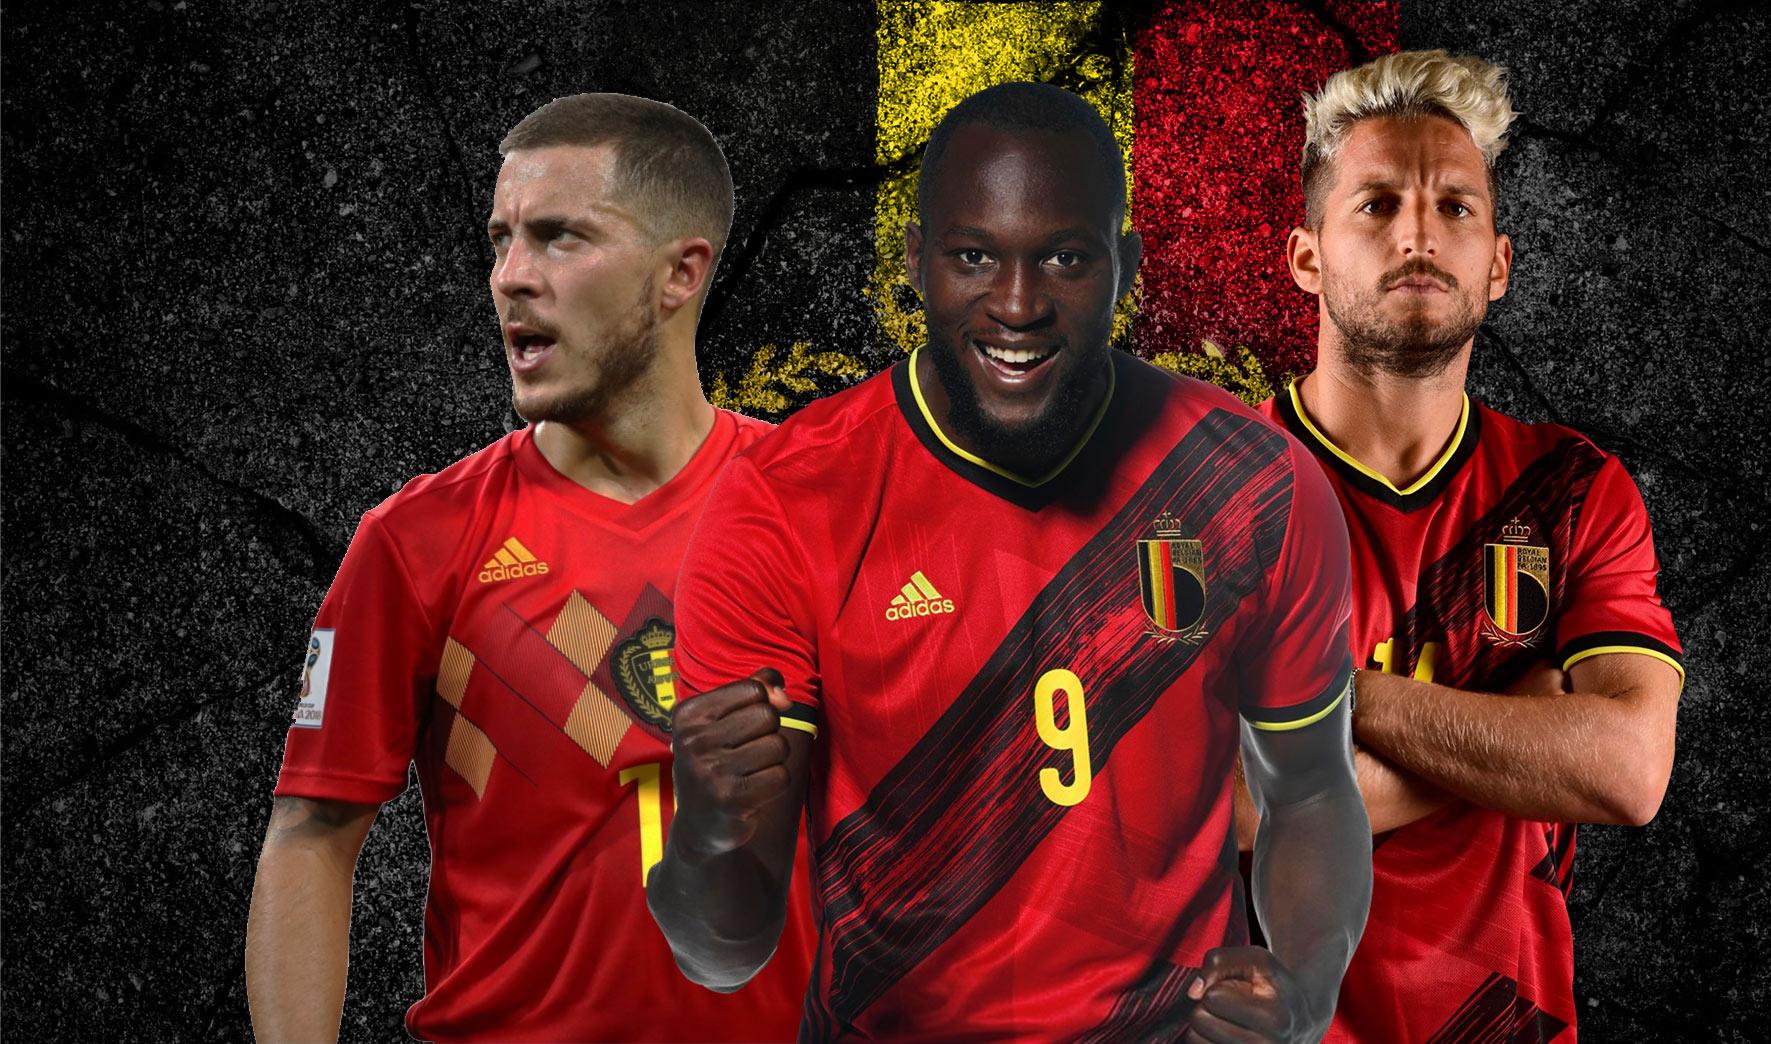 Belgio Russia: promo e info sul match